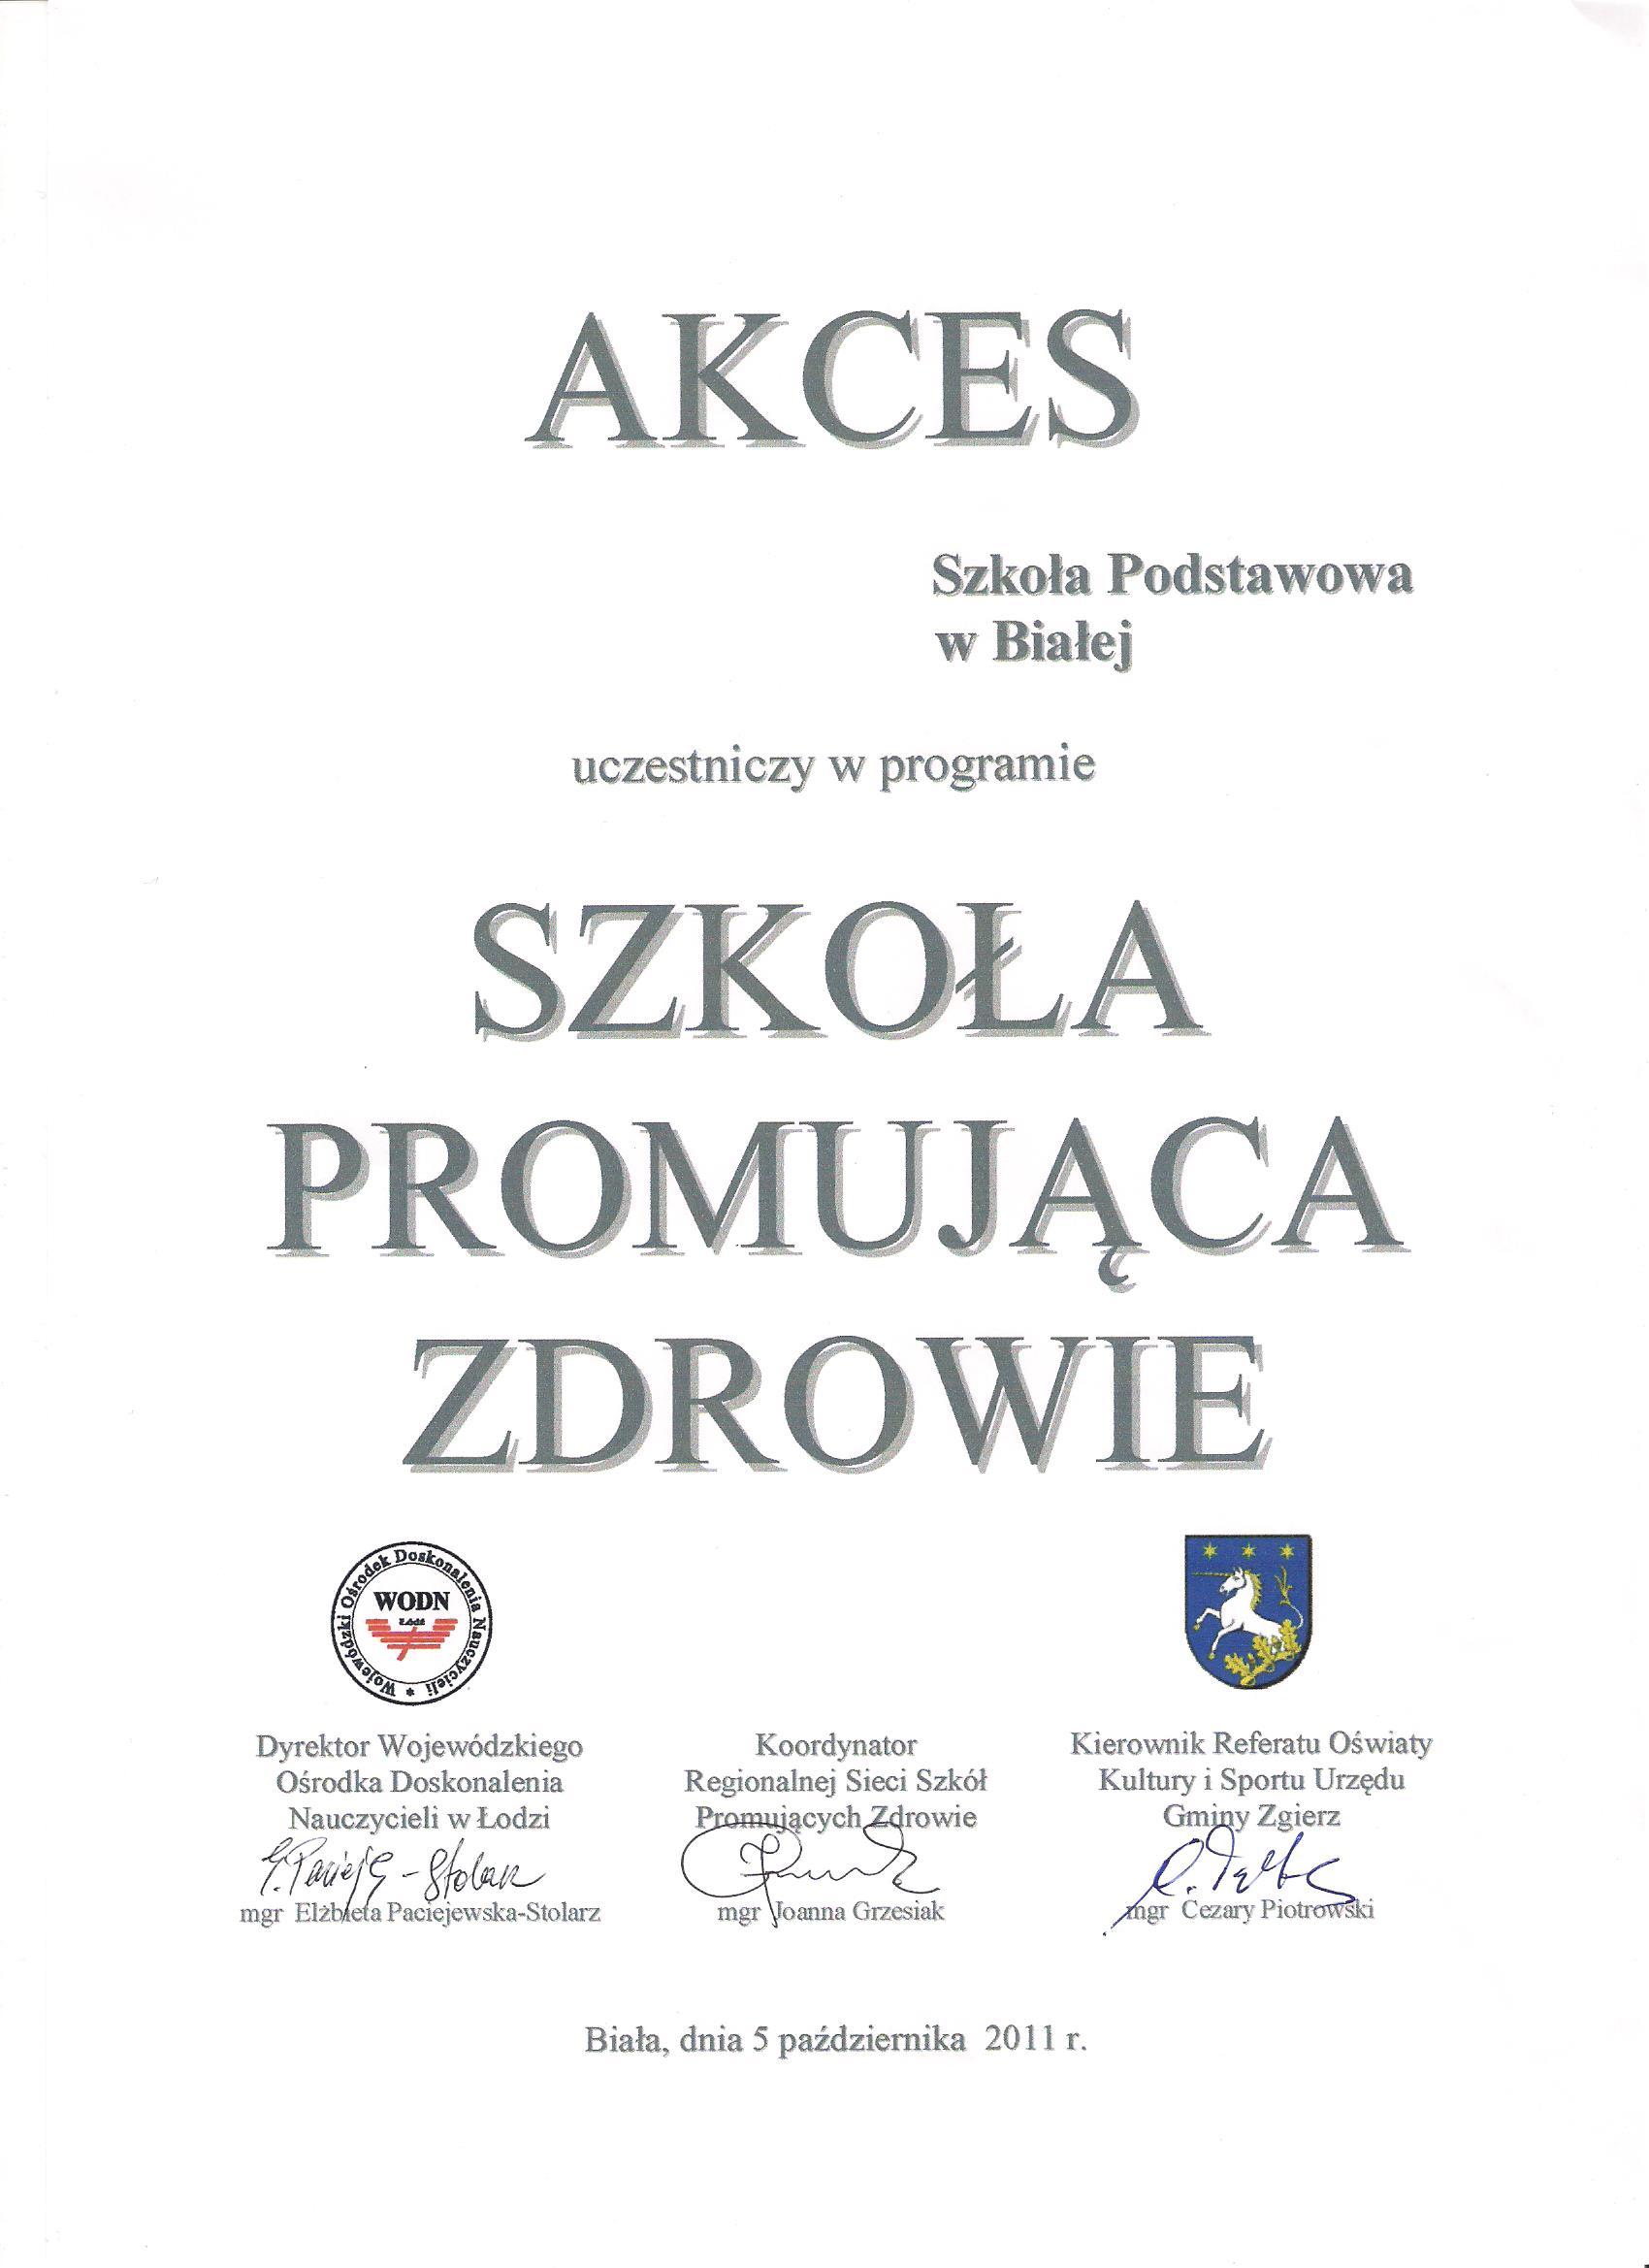 http://www.spbiala.szkolnastrona.pl/container///akces_001.jpg